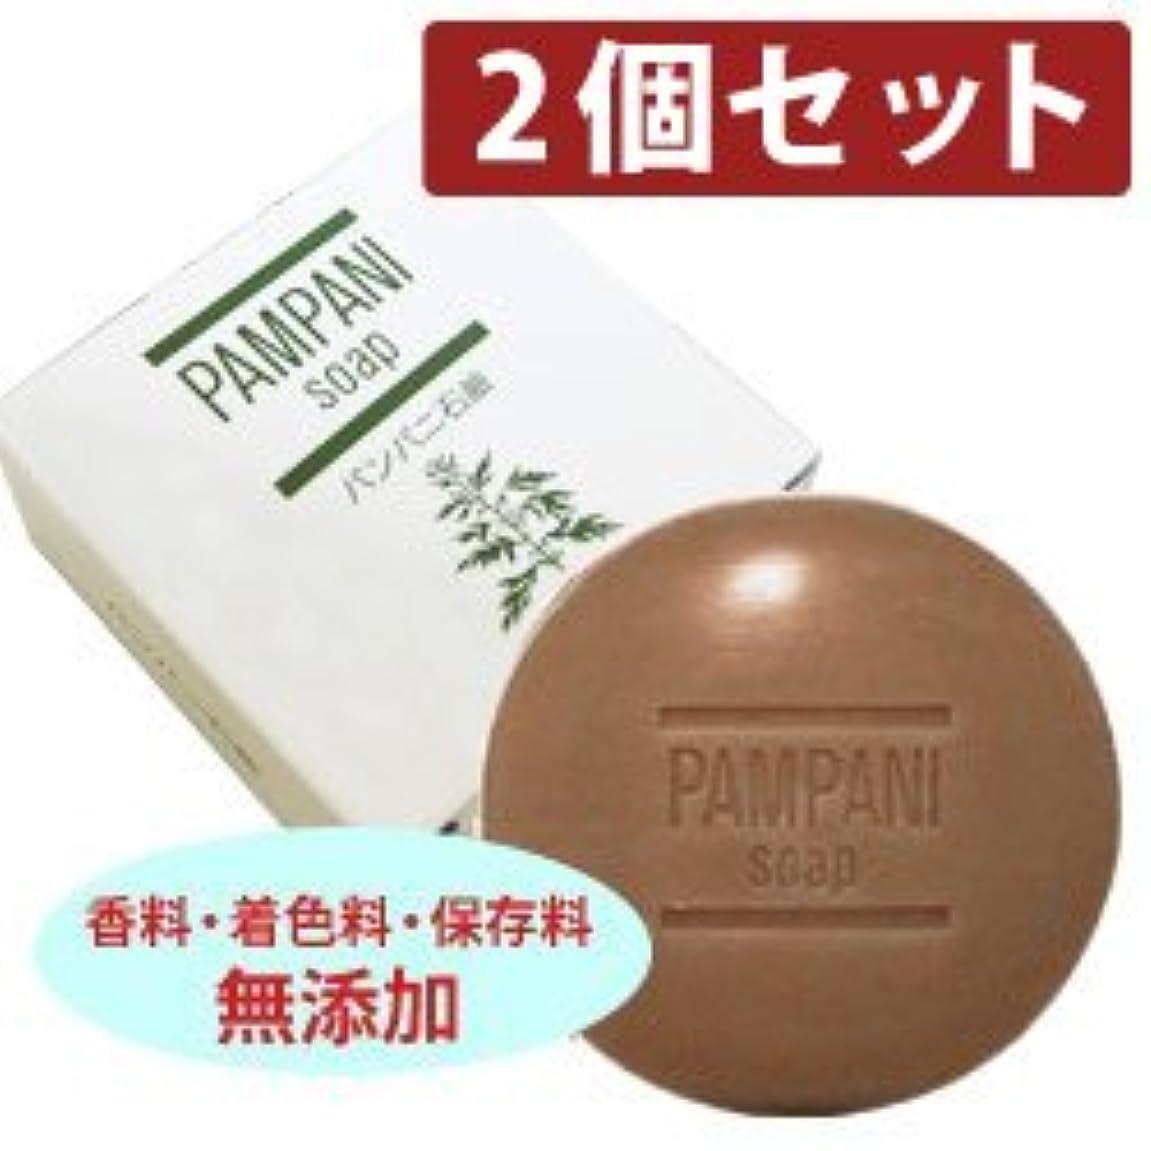 机重なるアライアンスパンパニ 石鹸?90g 【2個セット】